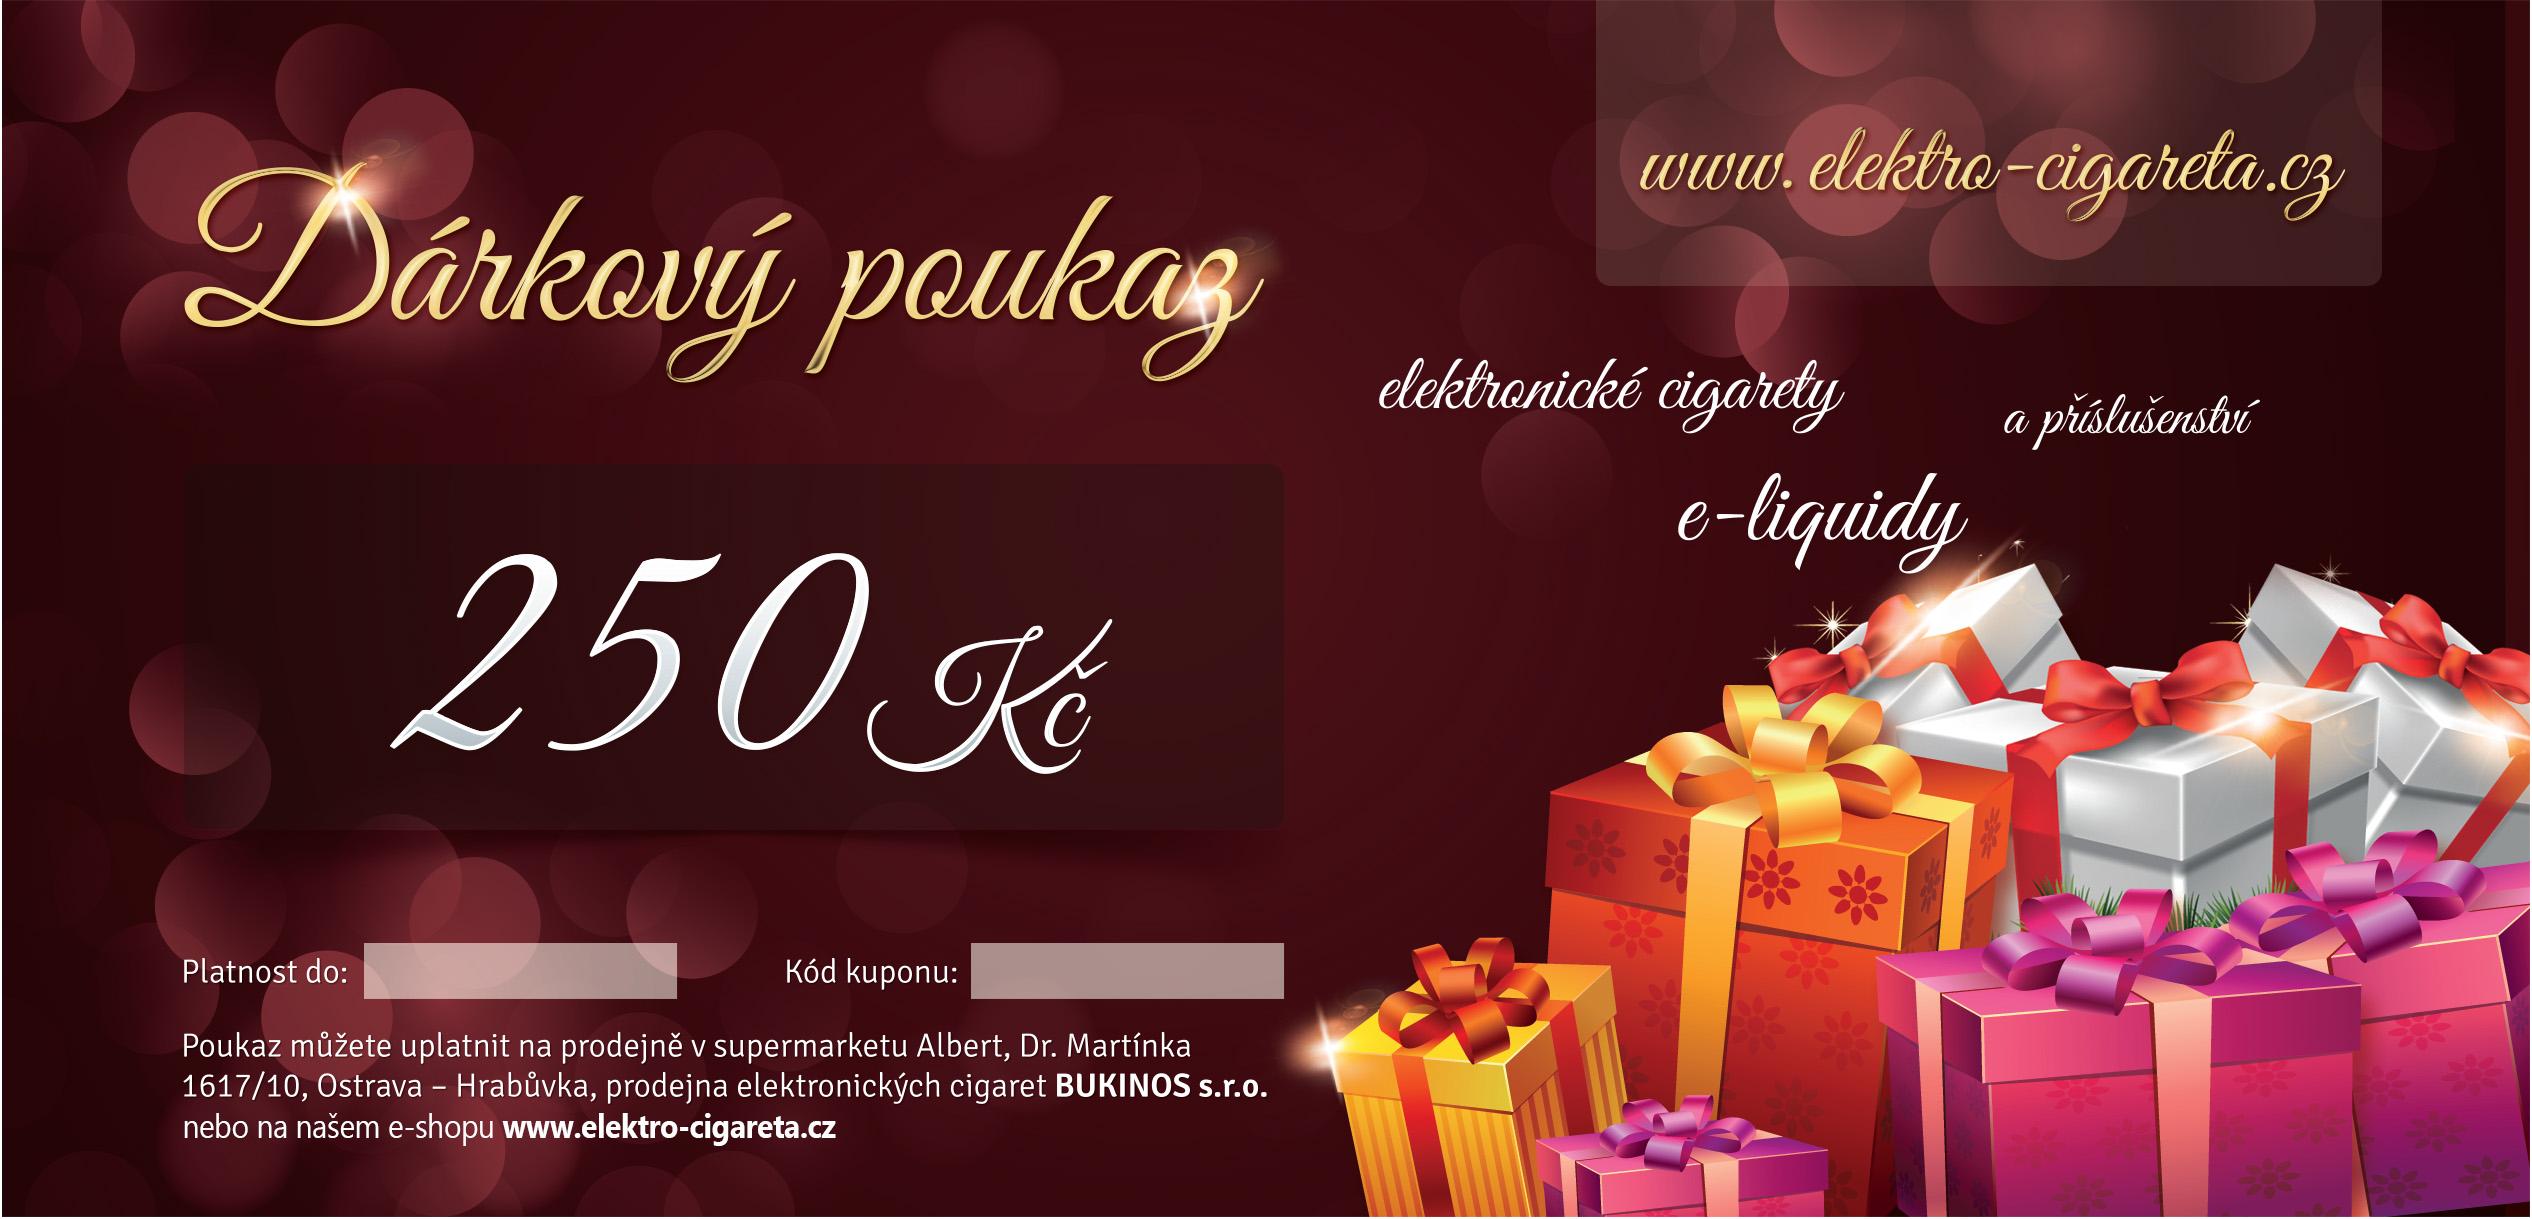 Dárkový poukaz Elektro-Cigareta.cz na nákup zboží v hodnotě 250kč